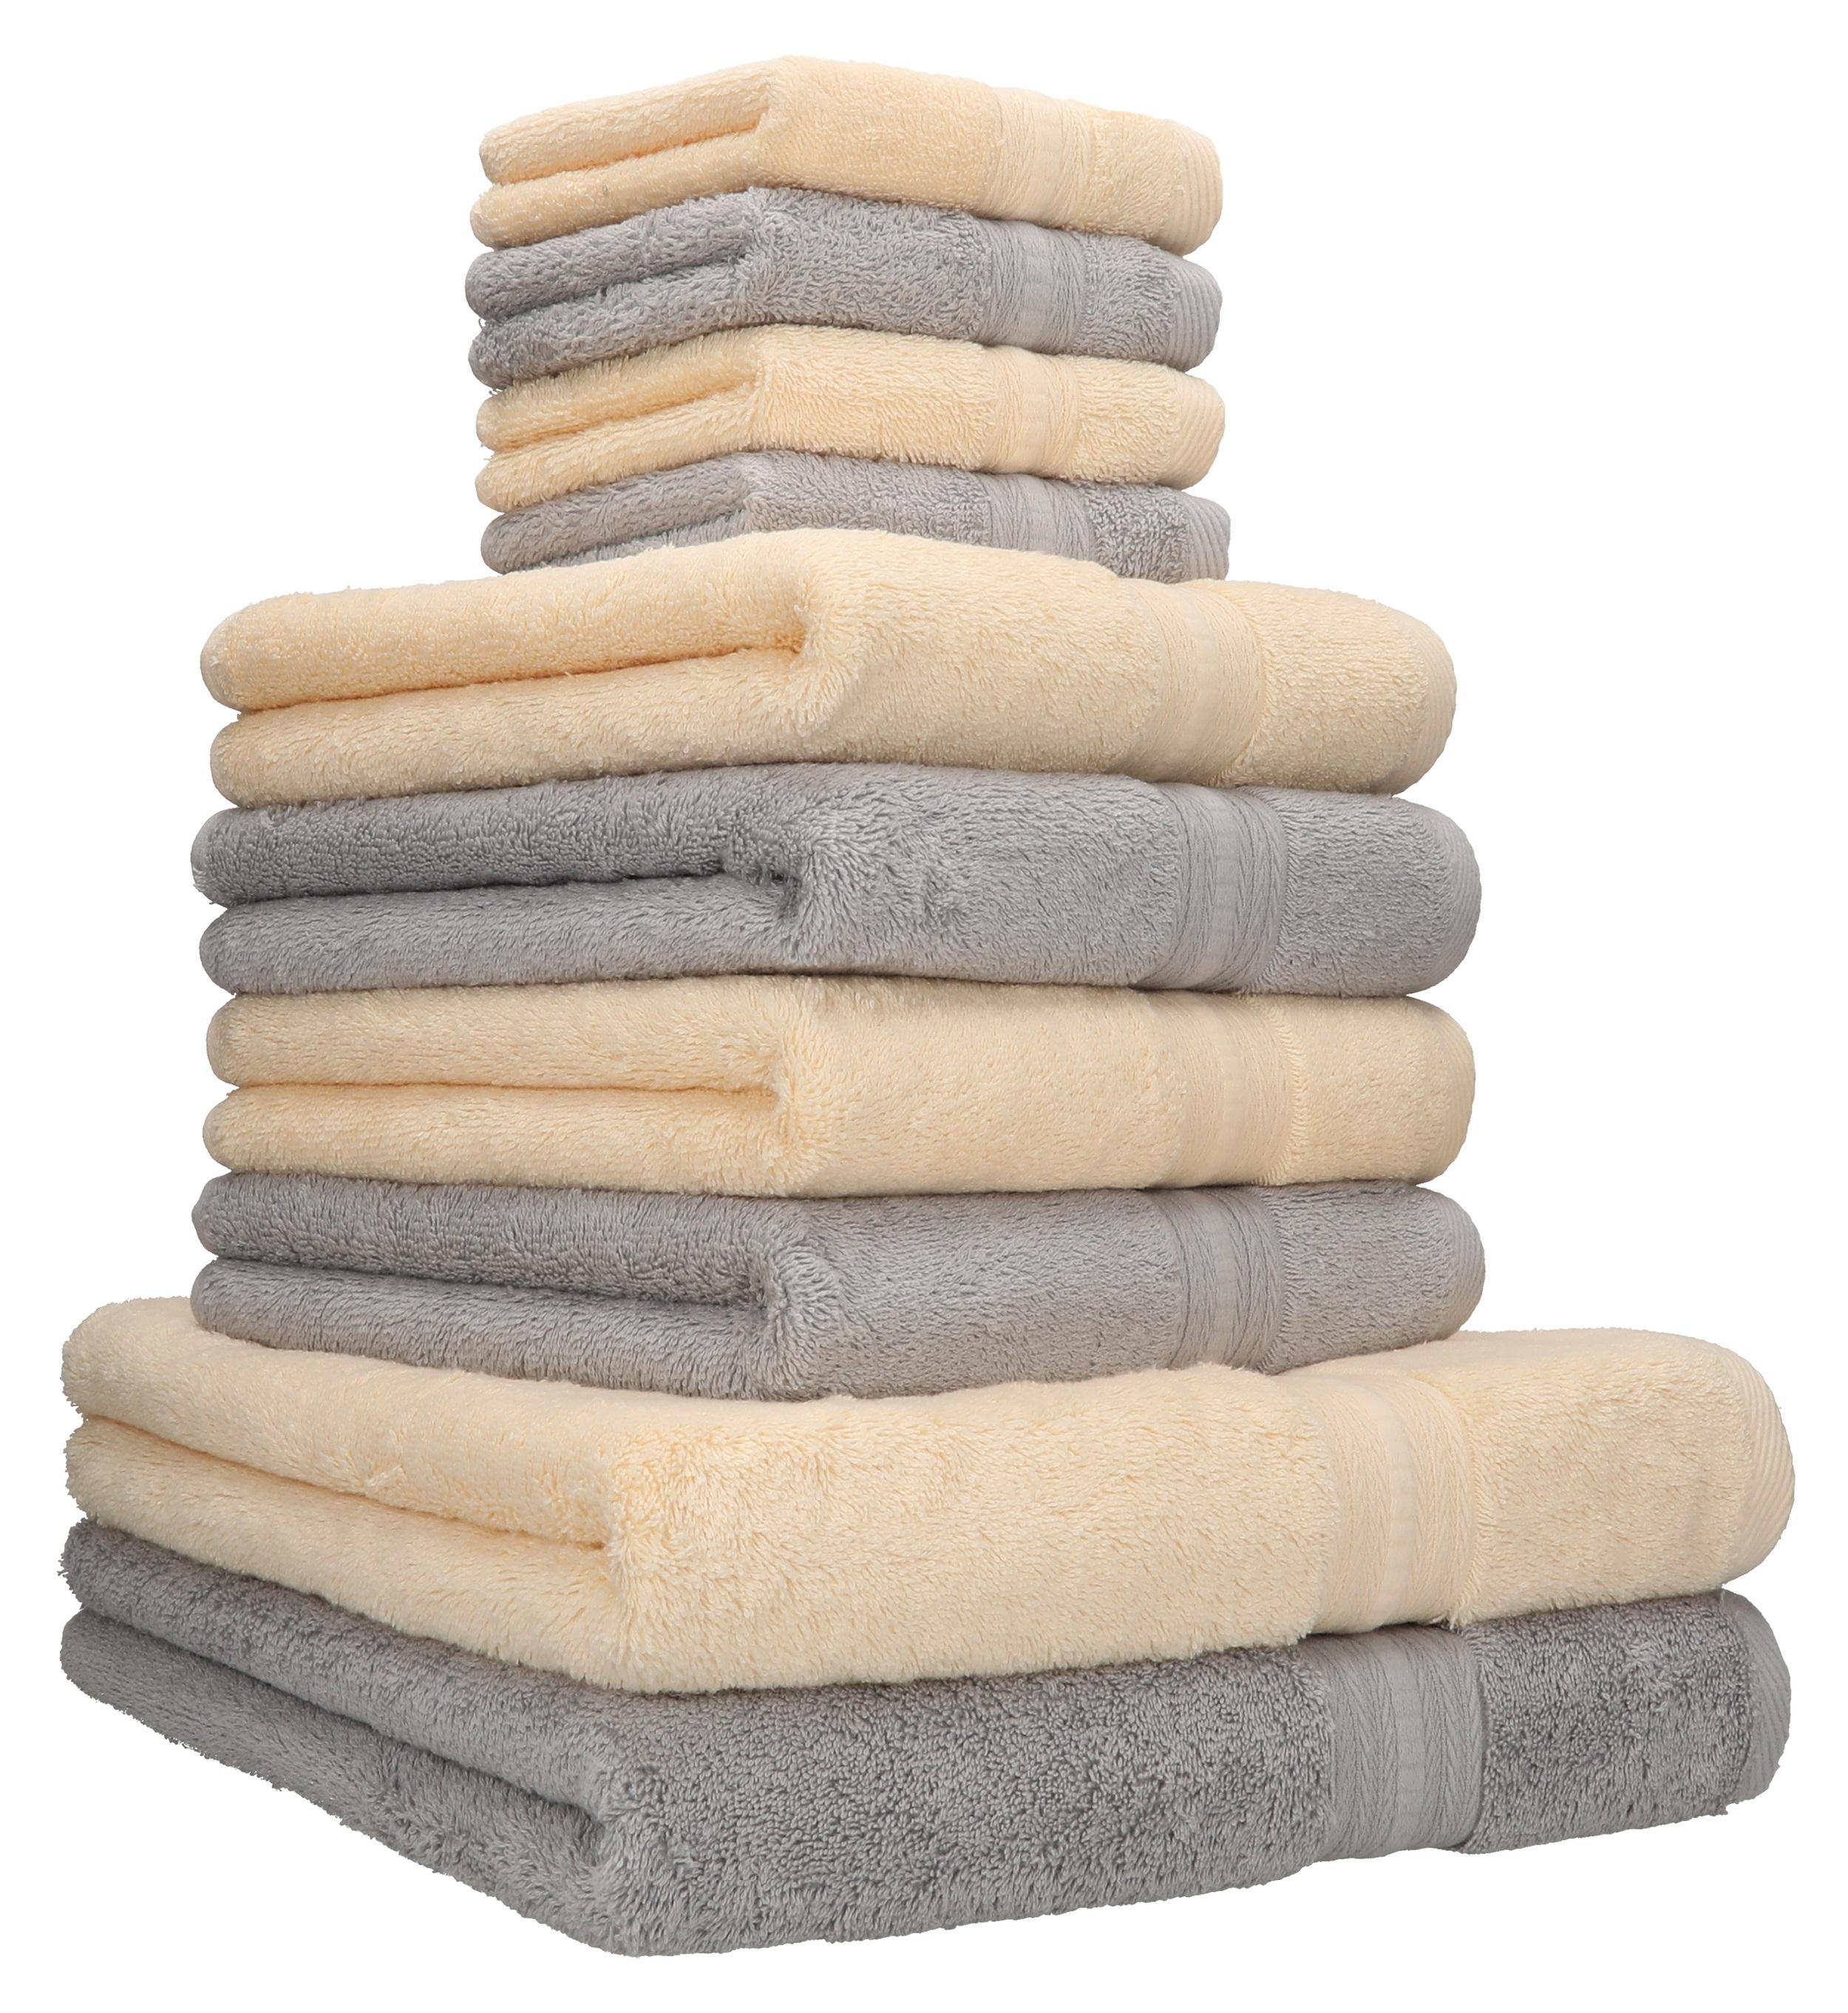 Küchentuch Geschirrtuch Küchenhandtuch Geschirhandtuch Baumwolle 2-6 Stück Set